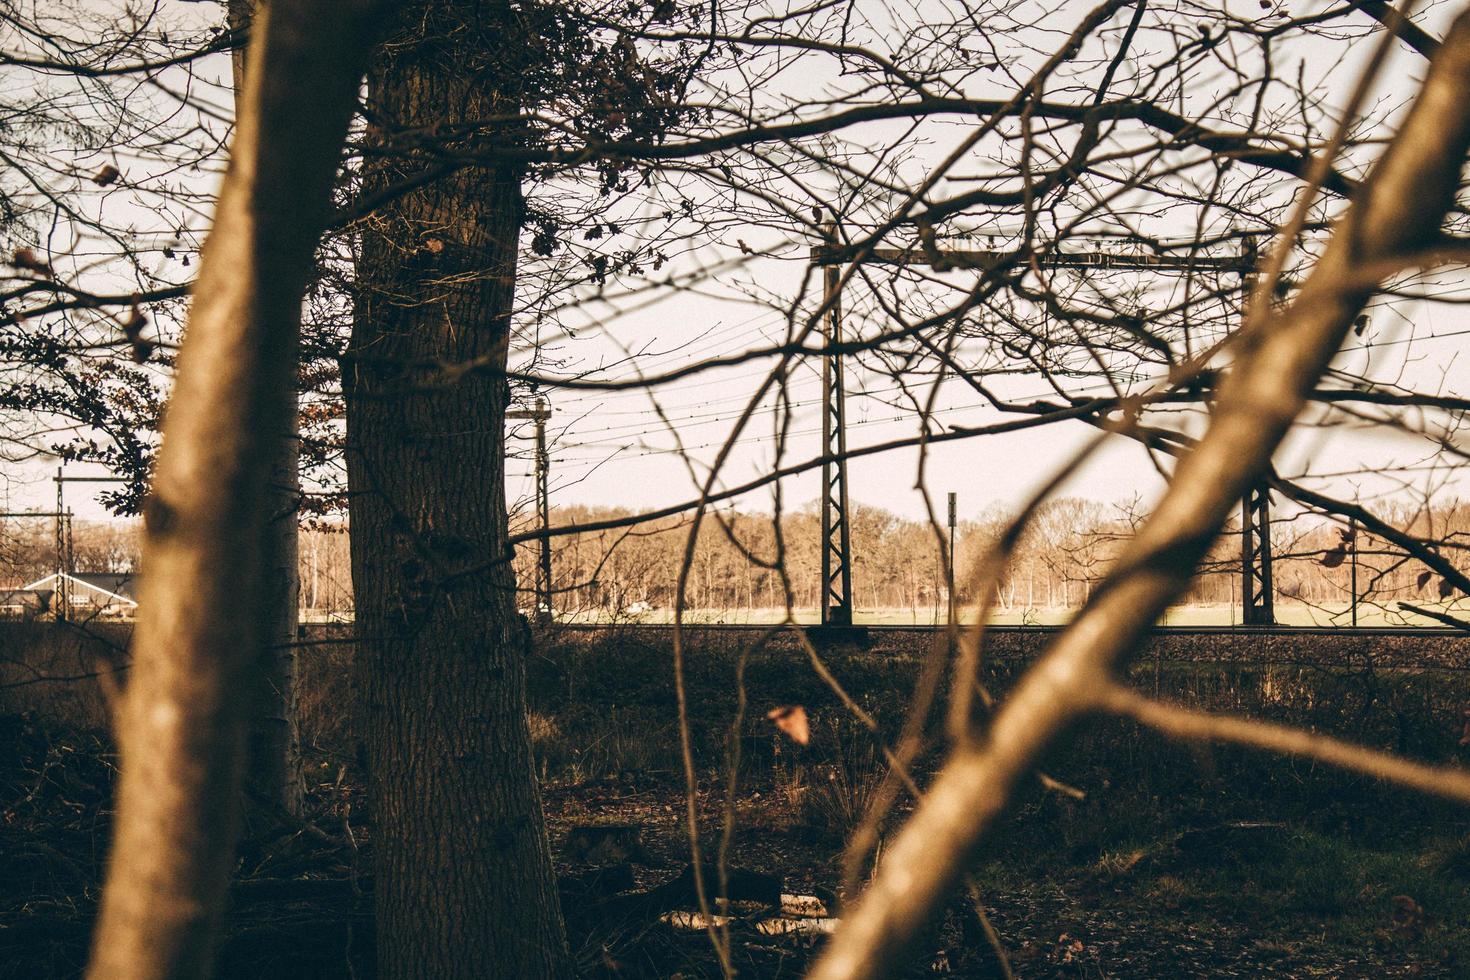 kale bomen tijdens gouden uur foto